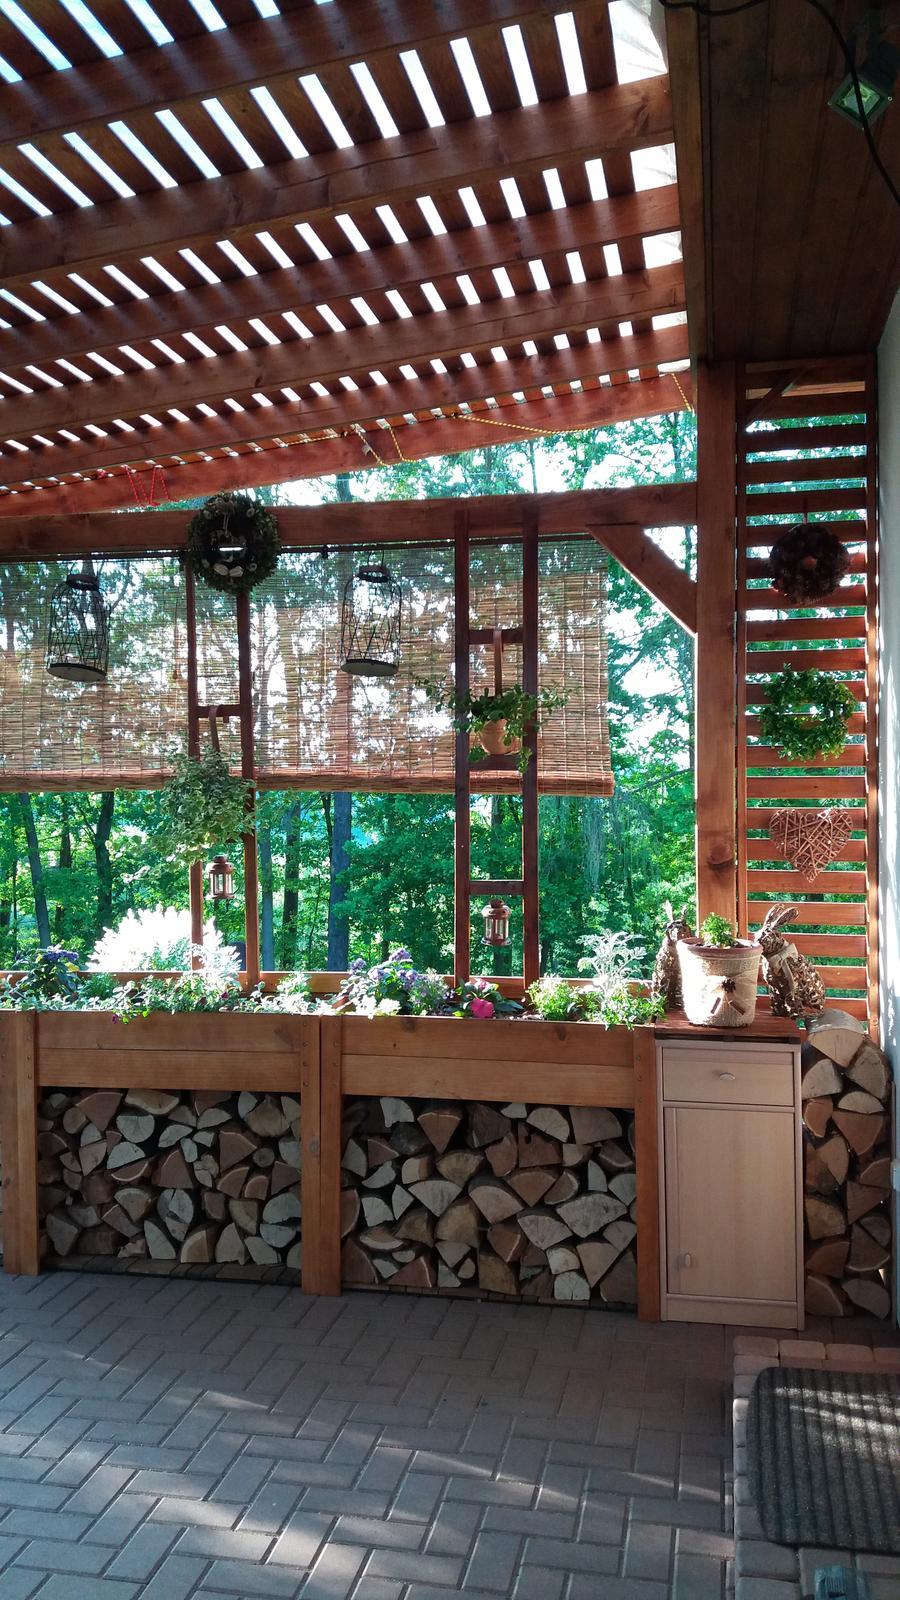 Rok 2017 u nás a po našem.... - Další  část terasy hotová,spokojenost😊..skříňka je jen provizorní,časem bude dřevěná na míru..